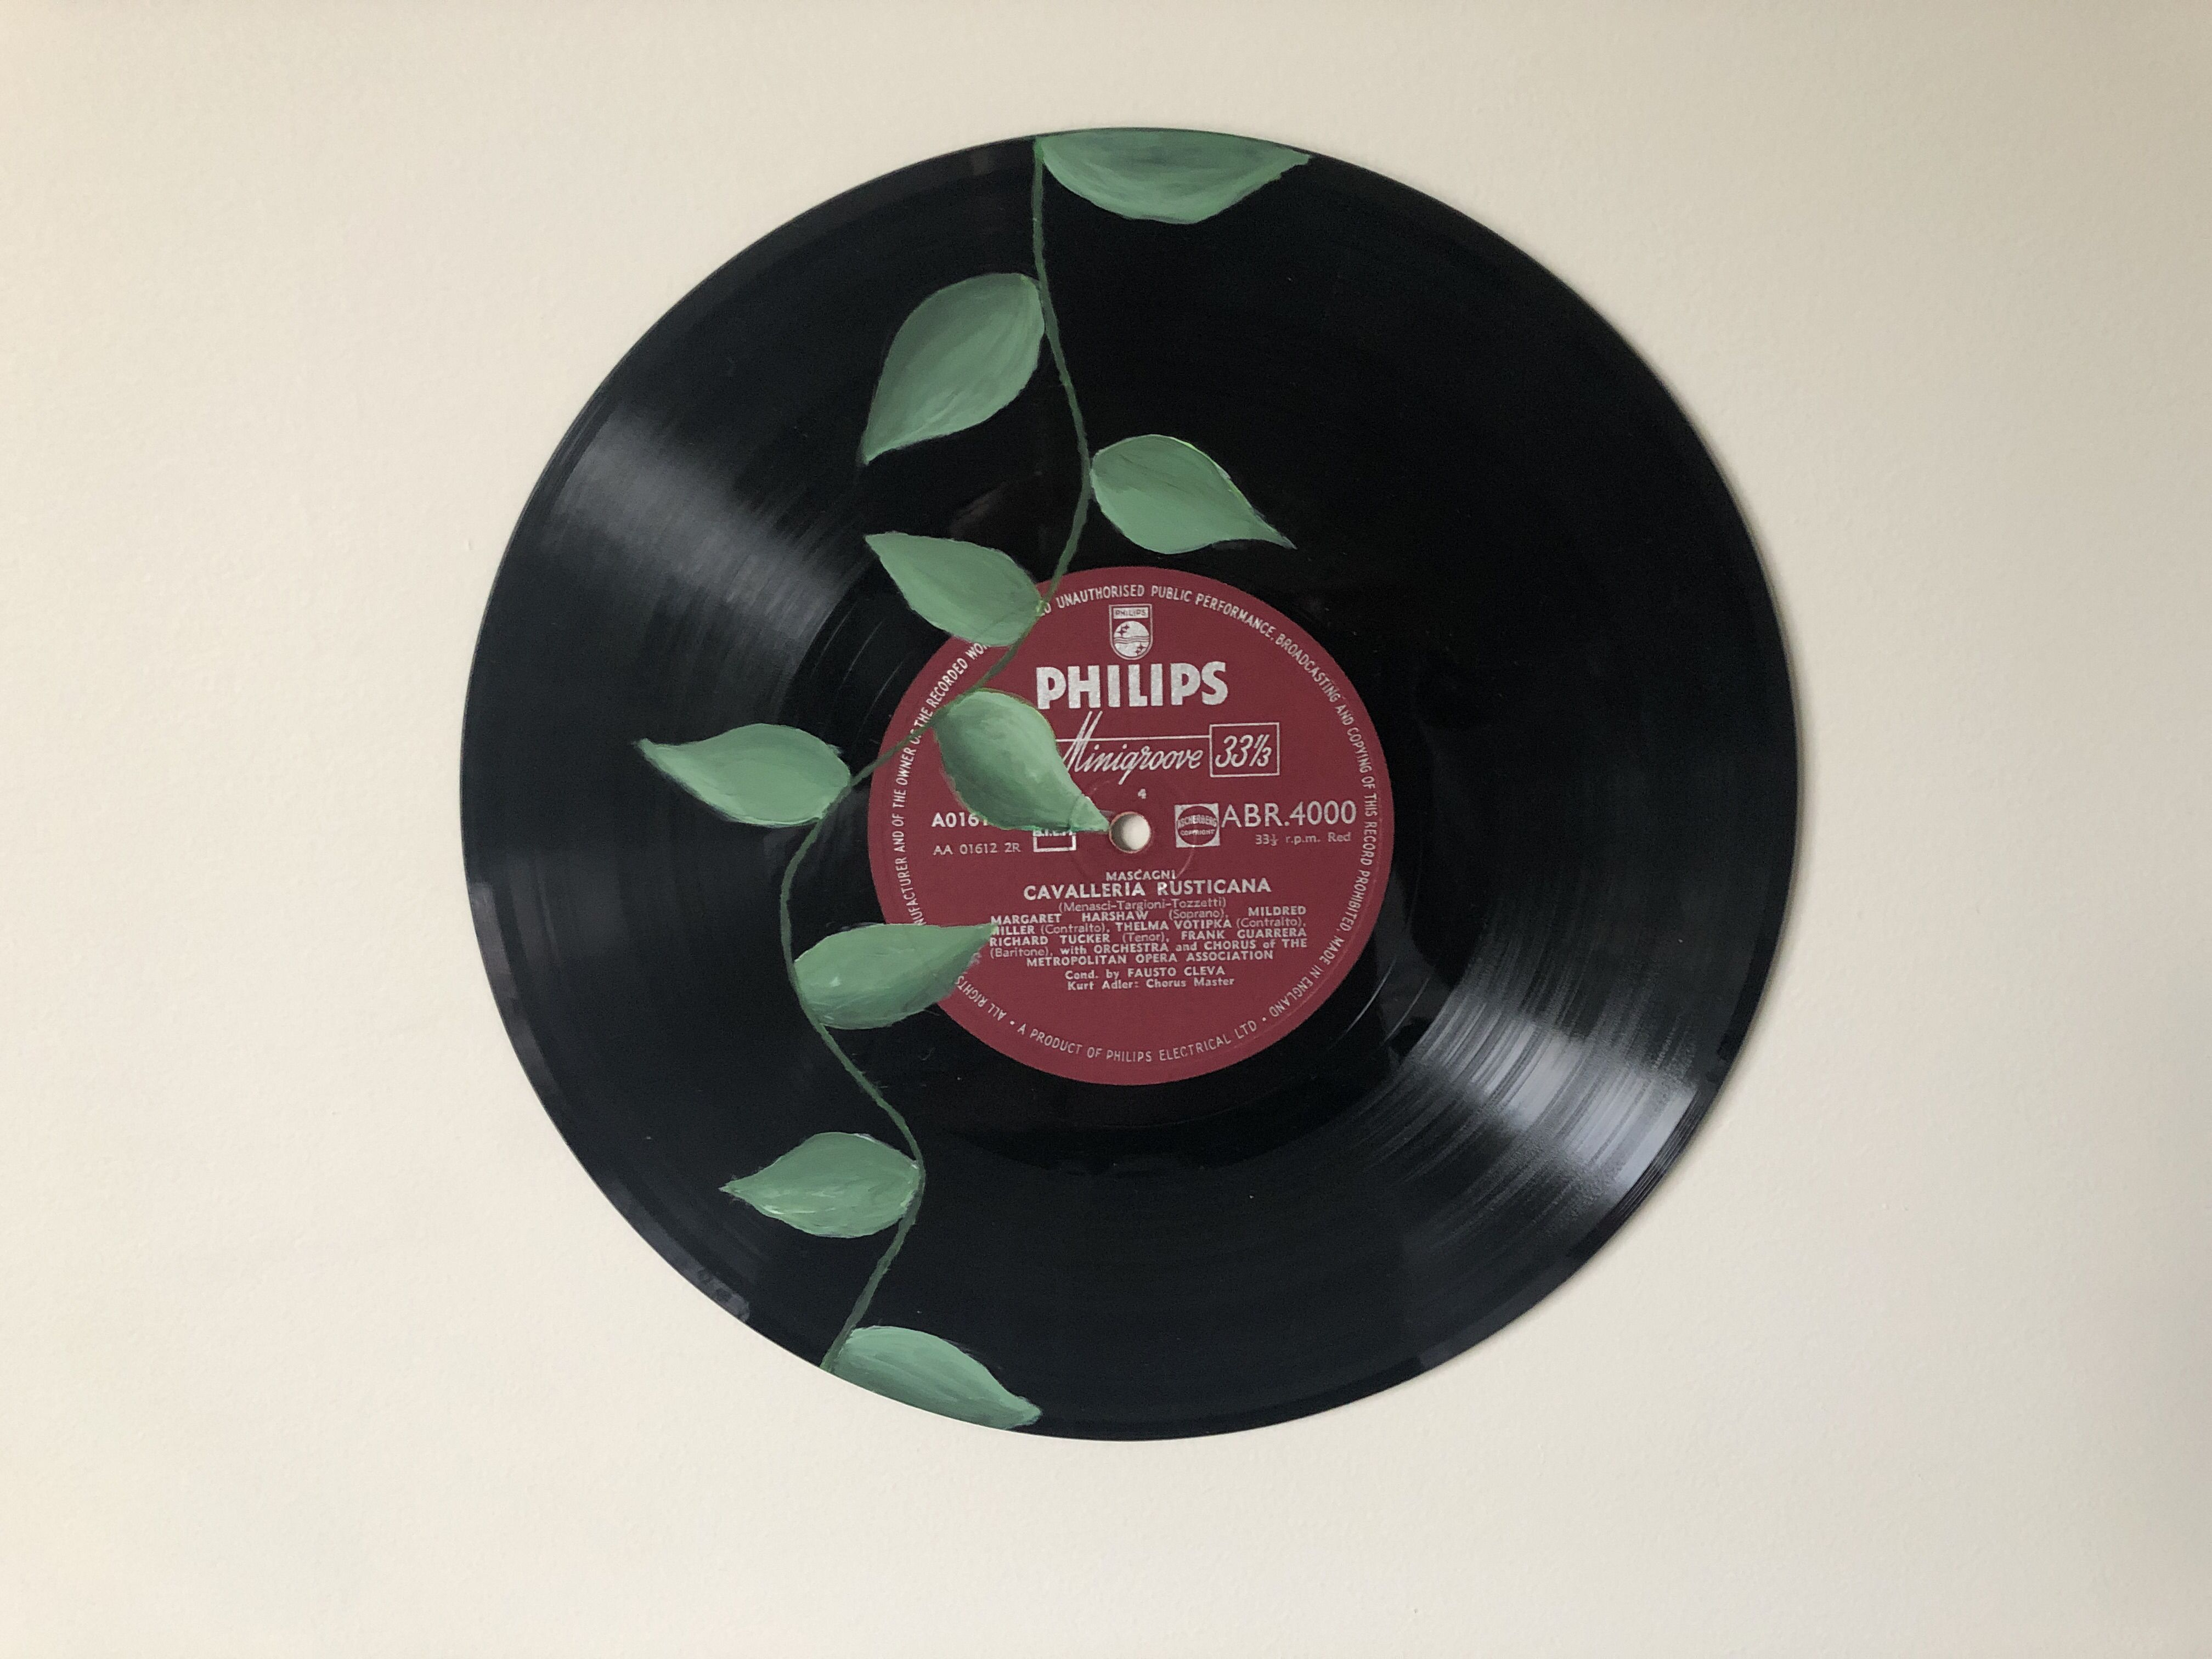 Electronics Workspace In 2020 Vinyl Art Paint Vinyl Record Art Record Wall Art